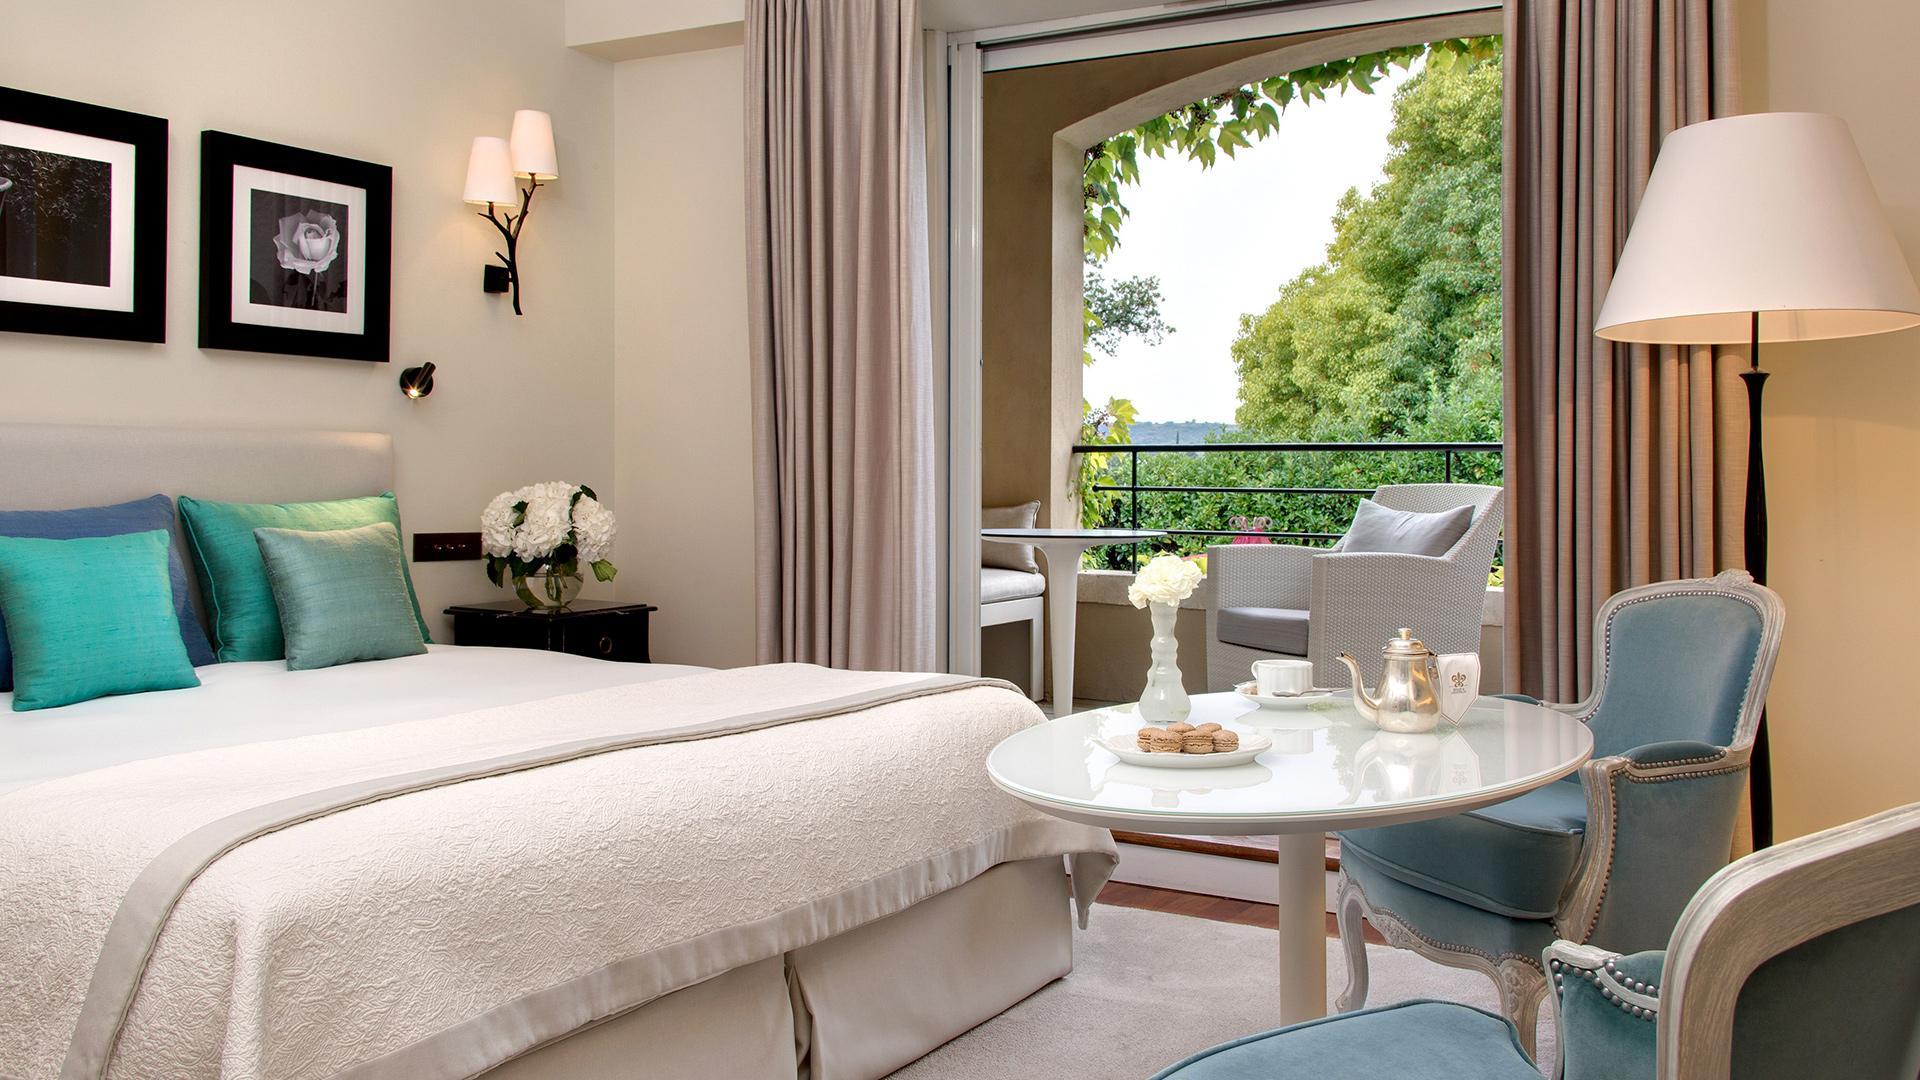 Superior Room image 1 at Le Domaine du Mas de Pierre by Alpes-Maritimes, Provence-Alpes-Côte d'Azur, France